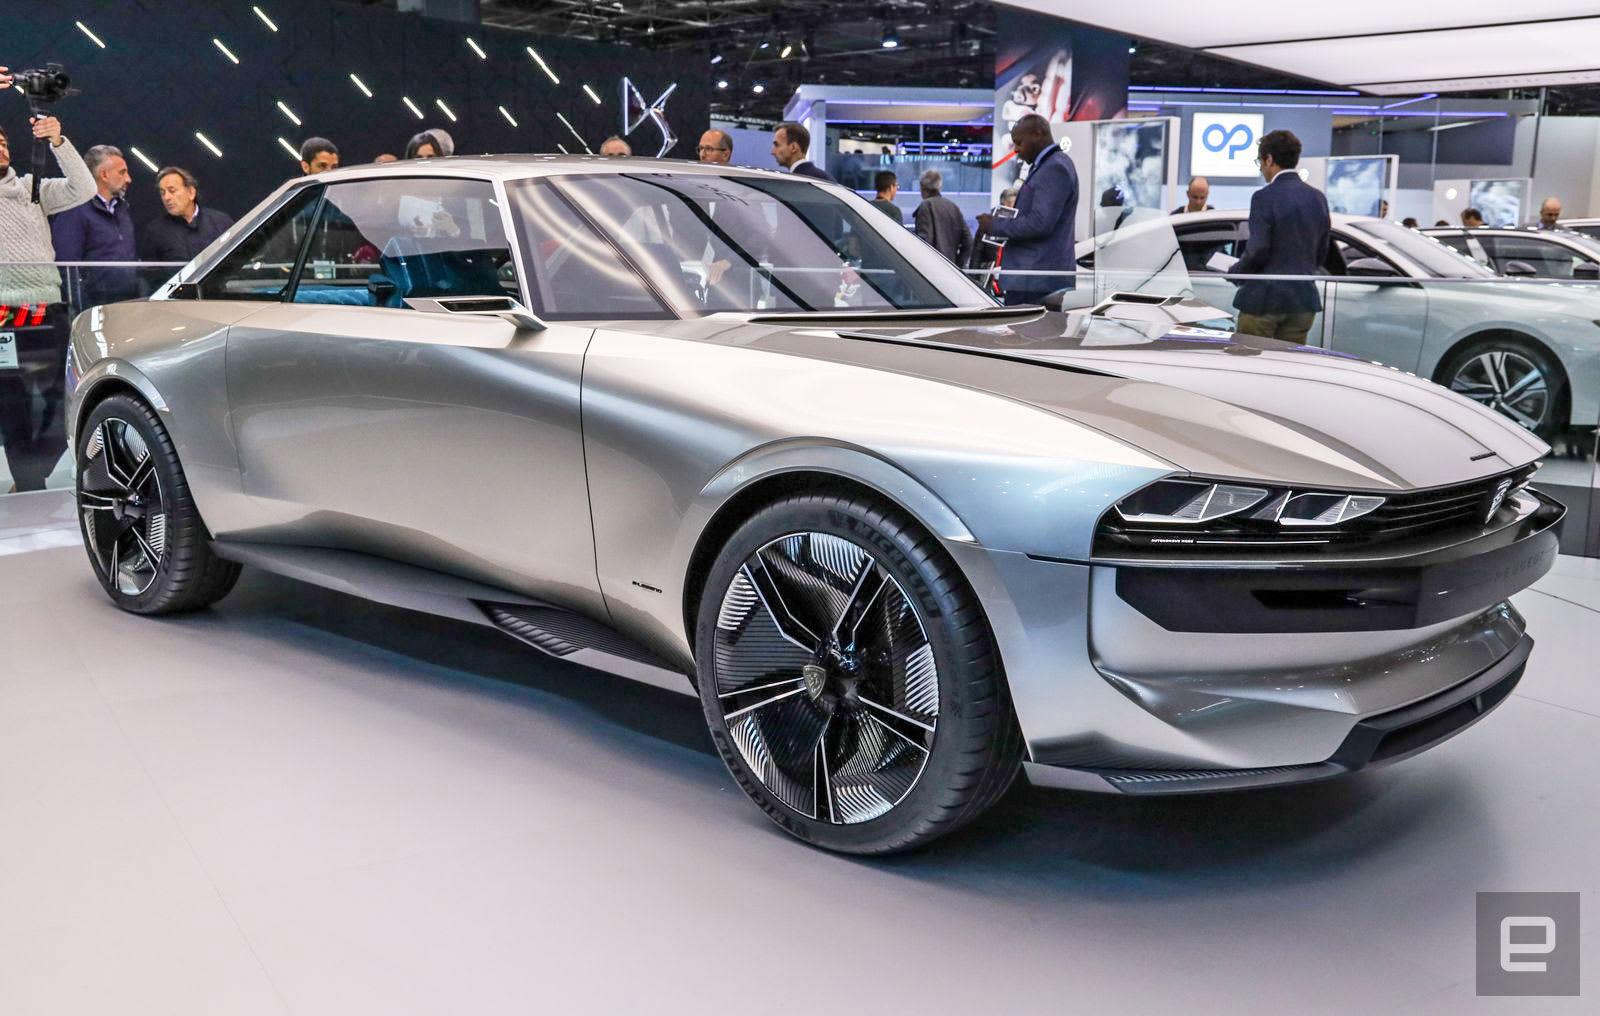 Peugeot S E Legend Concept Ev Is A Futuristic Throwback